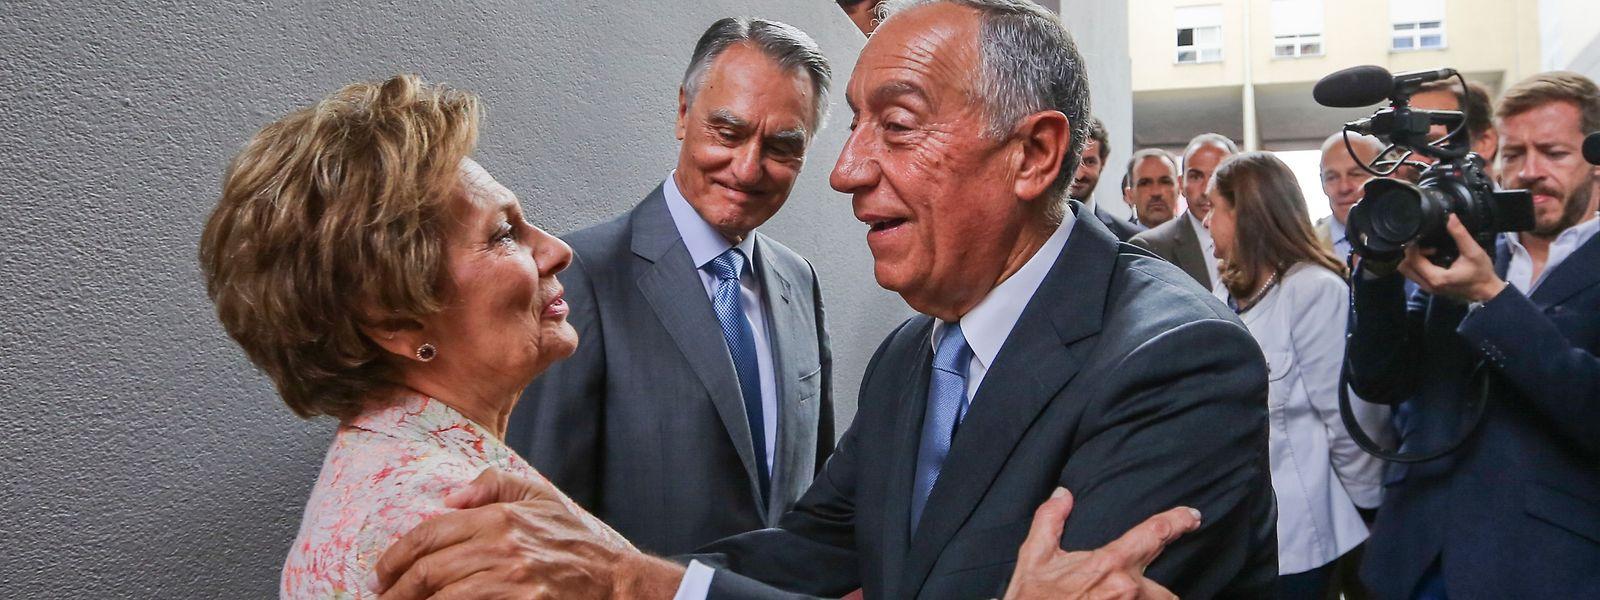 Maria Cavaco Silva e Marcelo Rebelo de Sousa.